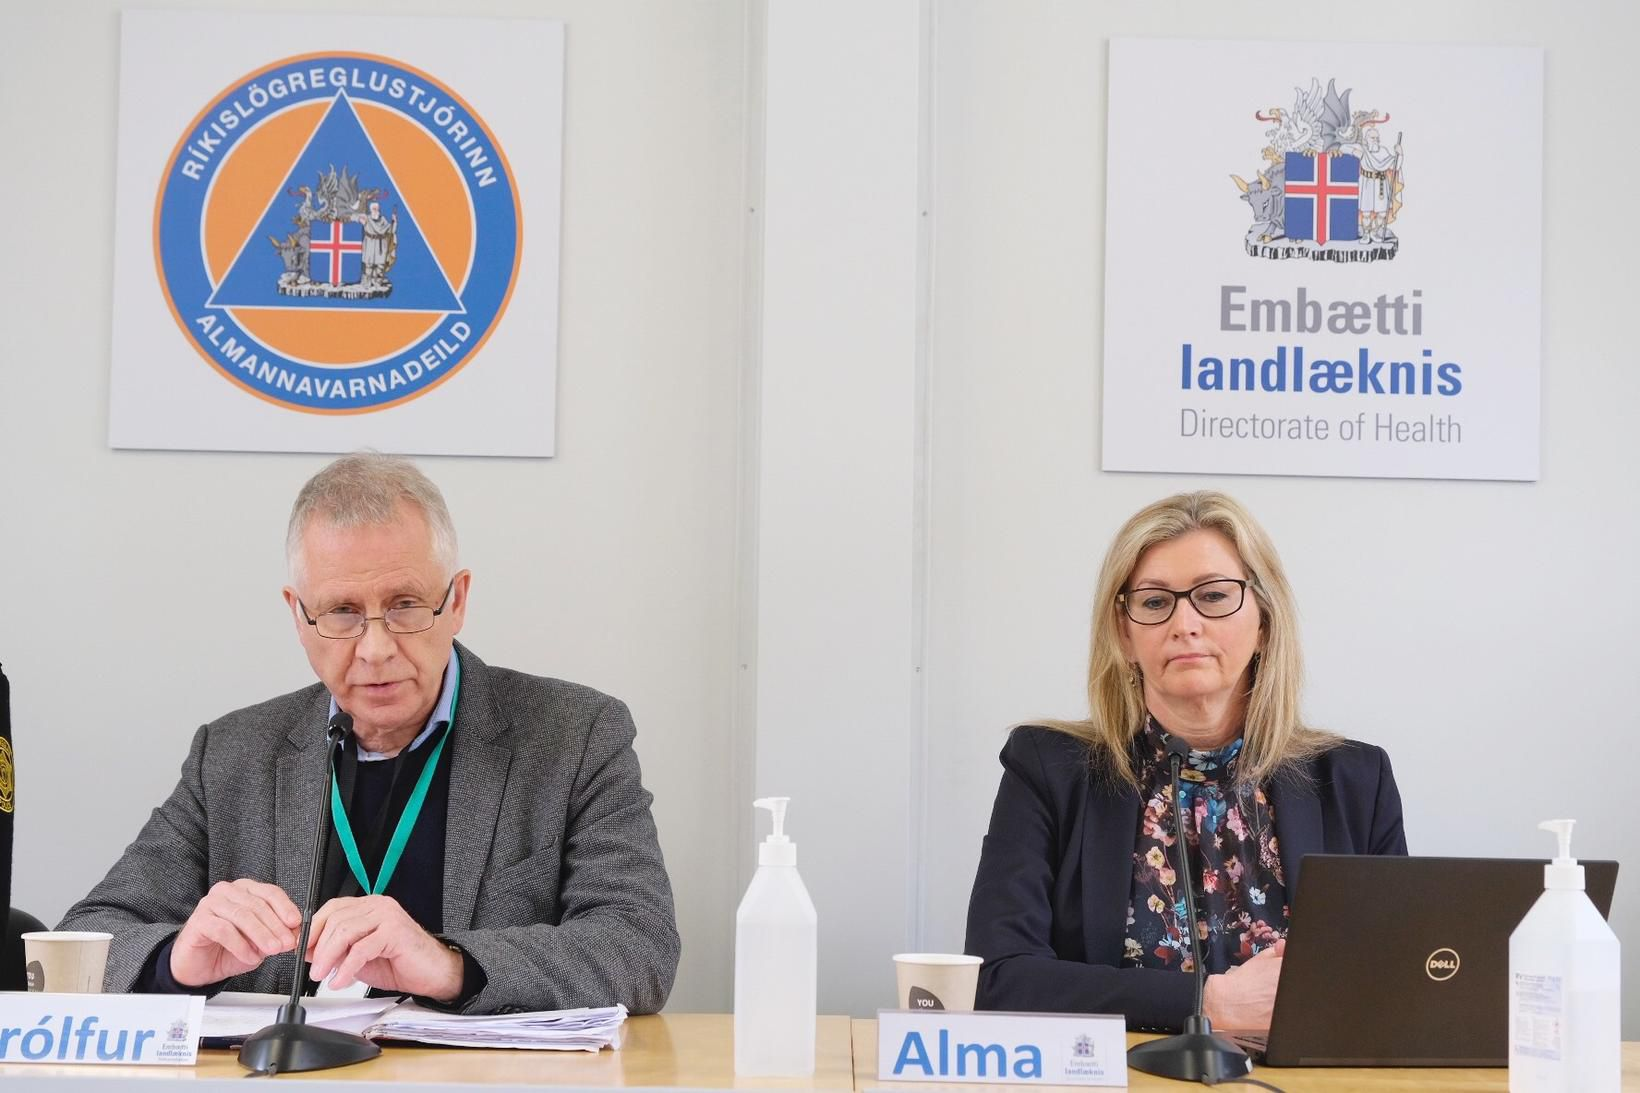 Þórólfur Guðnason sóttvarnarlæknir og Alma Möller landlæknir á fundinum í …